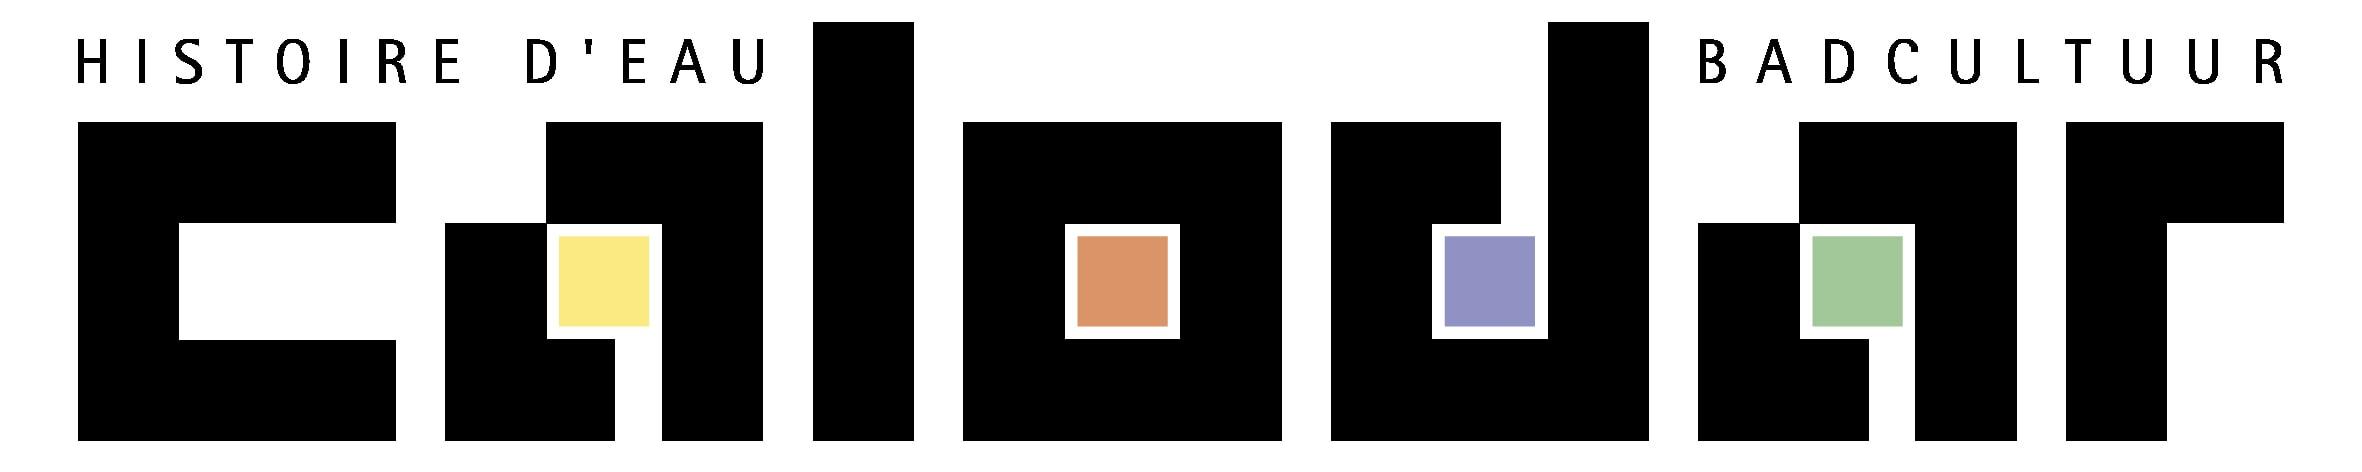 Boplan client: Calodar logo